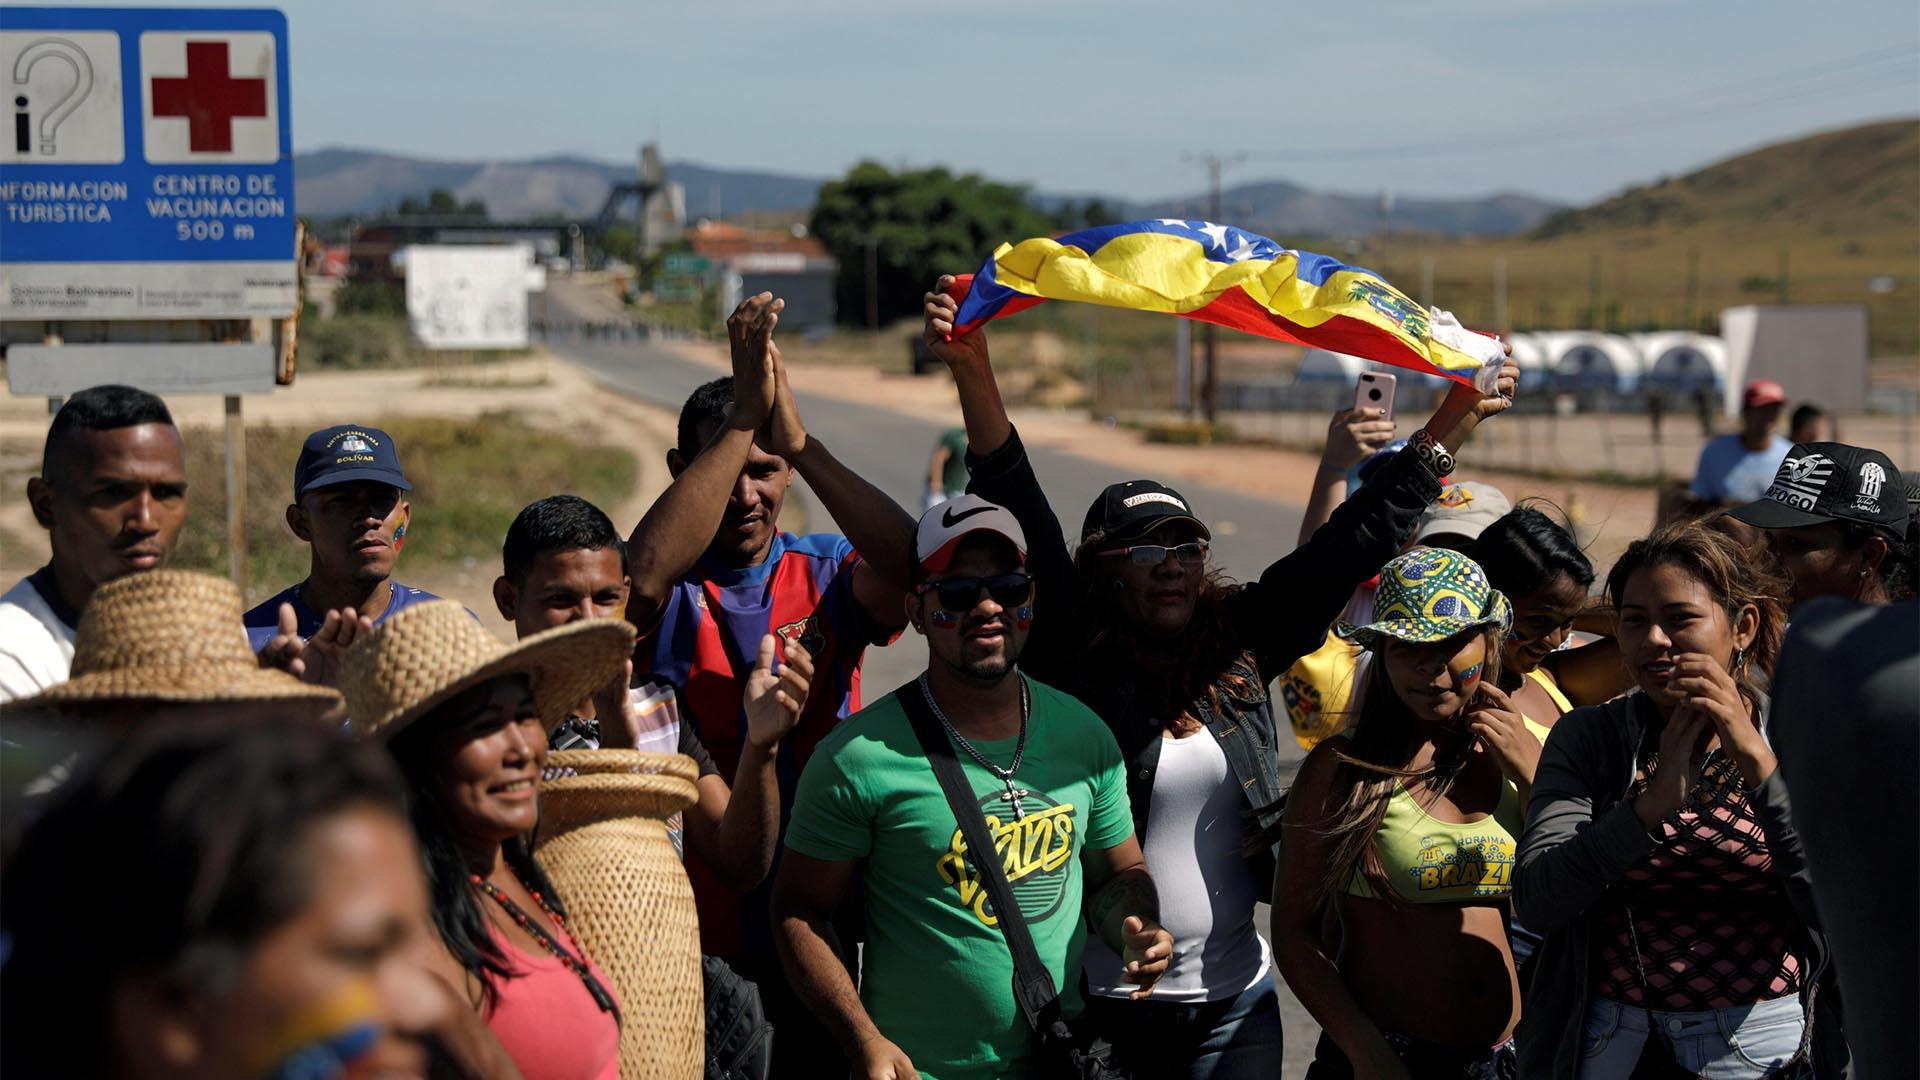 Migrantes venezolanos que participaron de la jornada del sábado se quejan de abandono    Nacional   Política   EL FRENTE